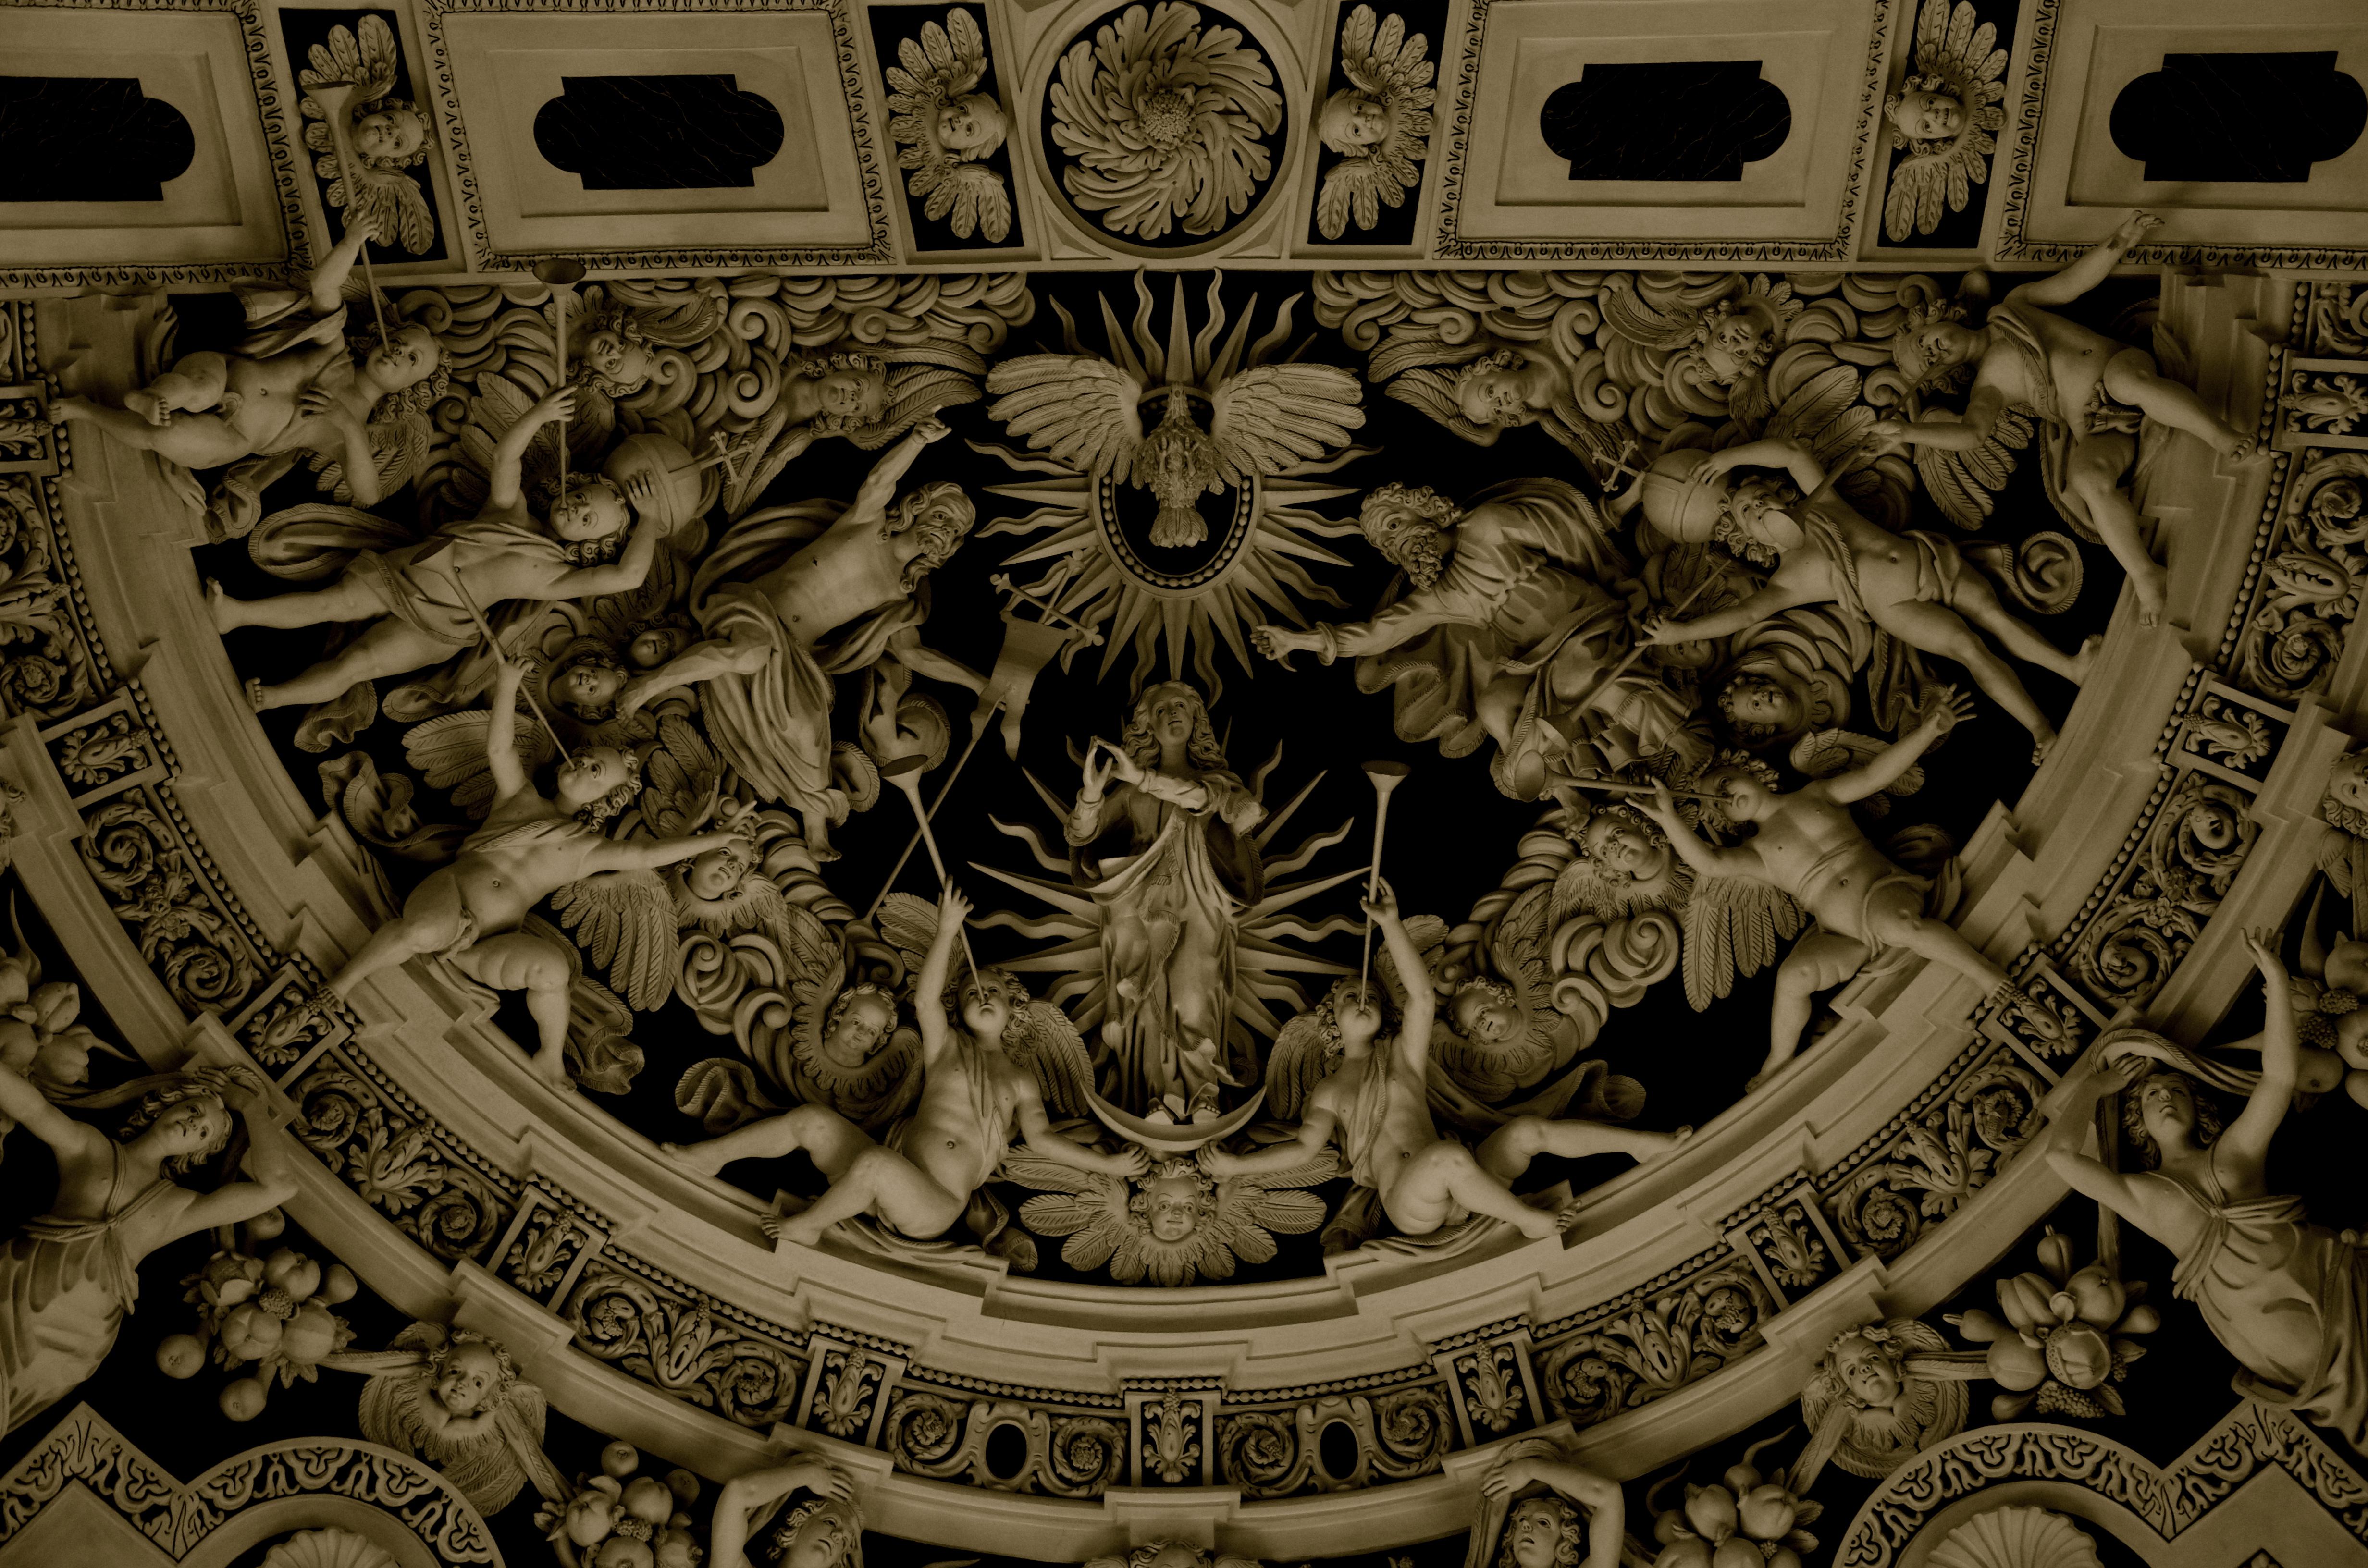 Church Ceiling By Hgabaldon On Deviantart